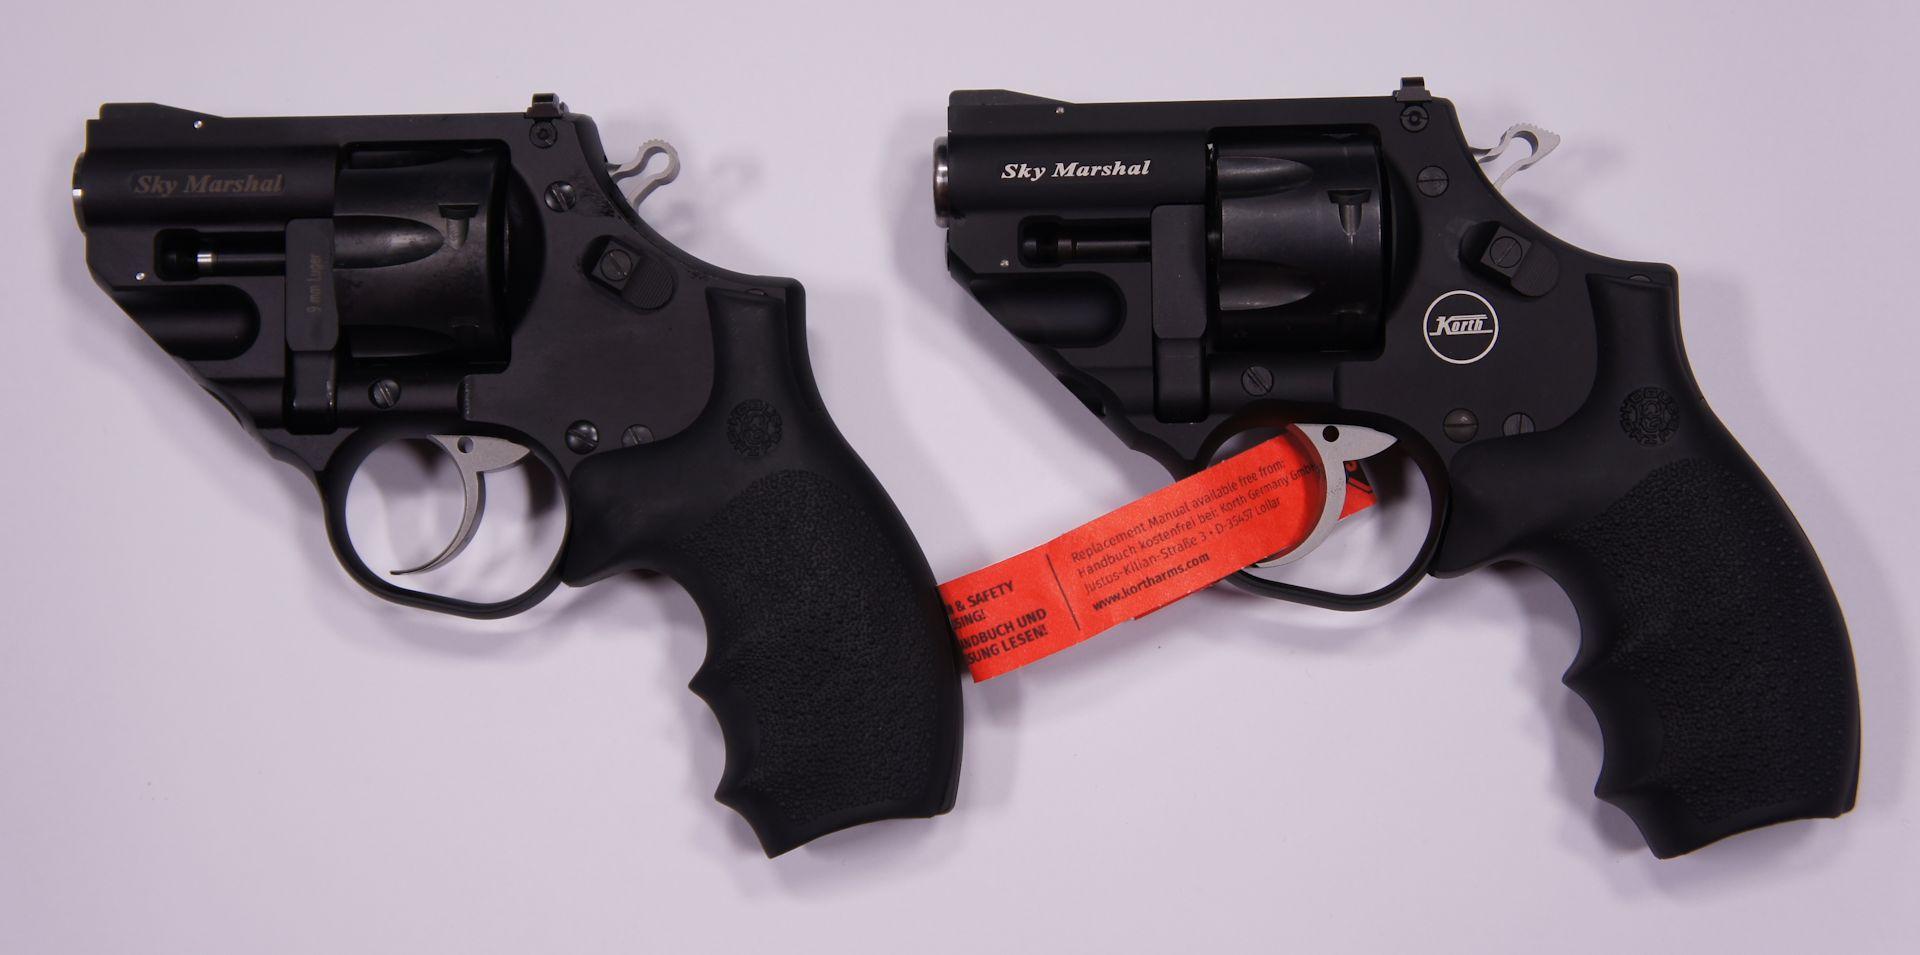 Hier Links im Bild sehen Sie vergleichsweise den scharfen <a href=1220900.htm> Korth Revolver Sky Marshal im Kaliber 9mm Parabellum</a>